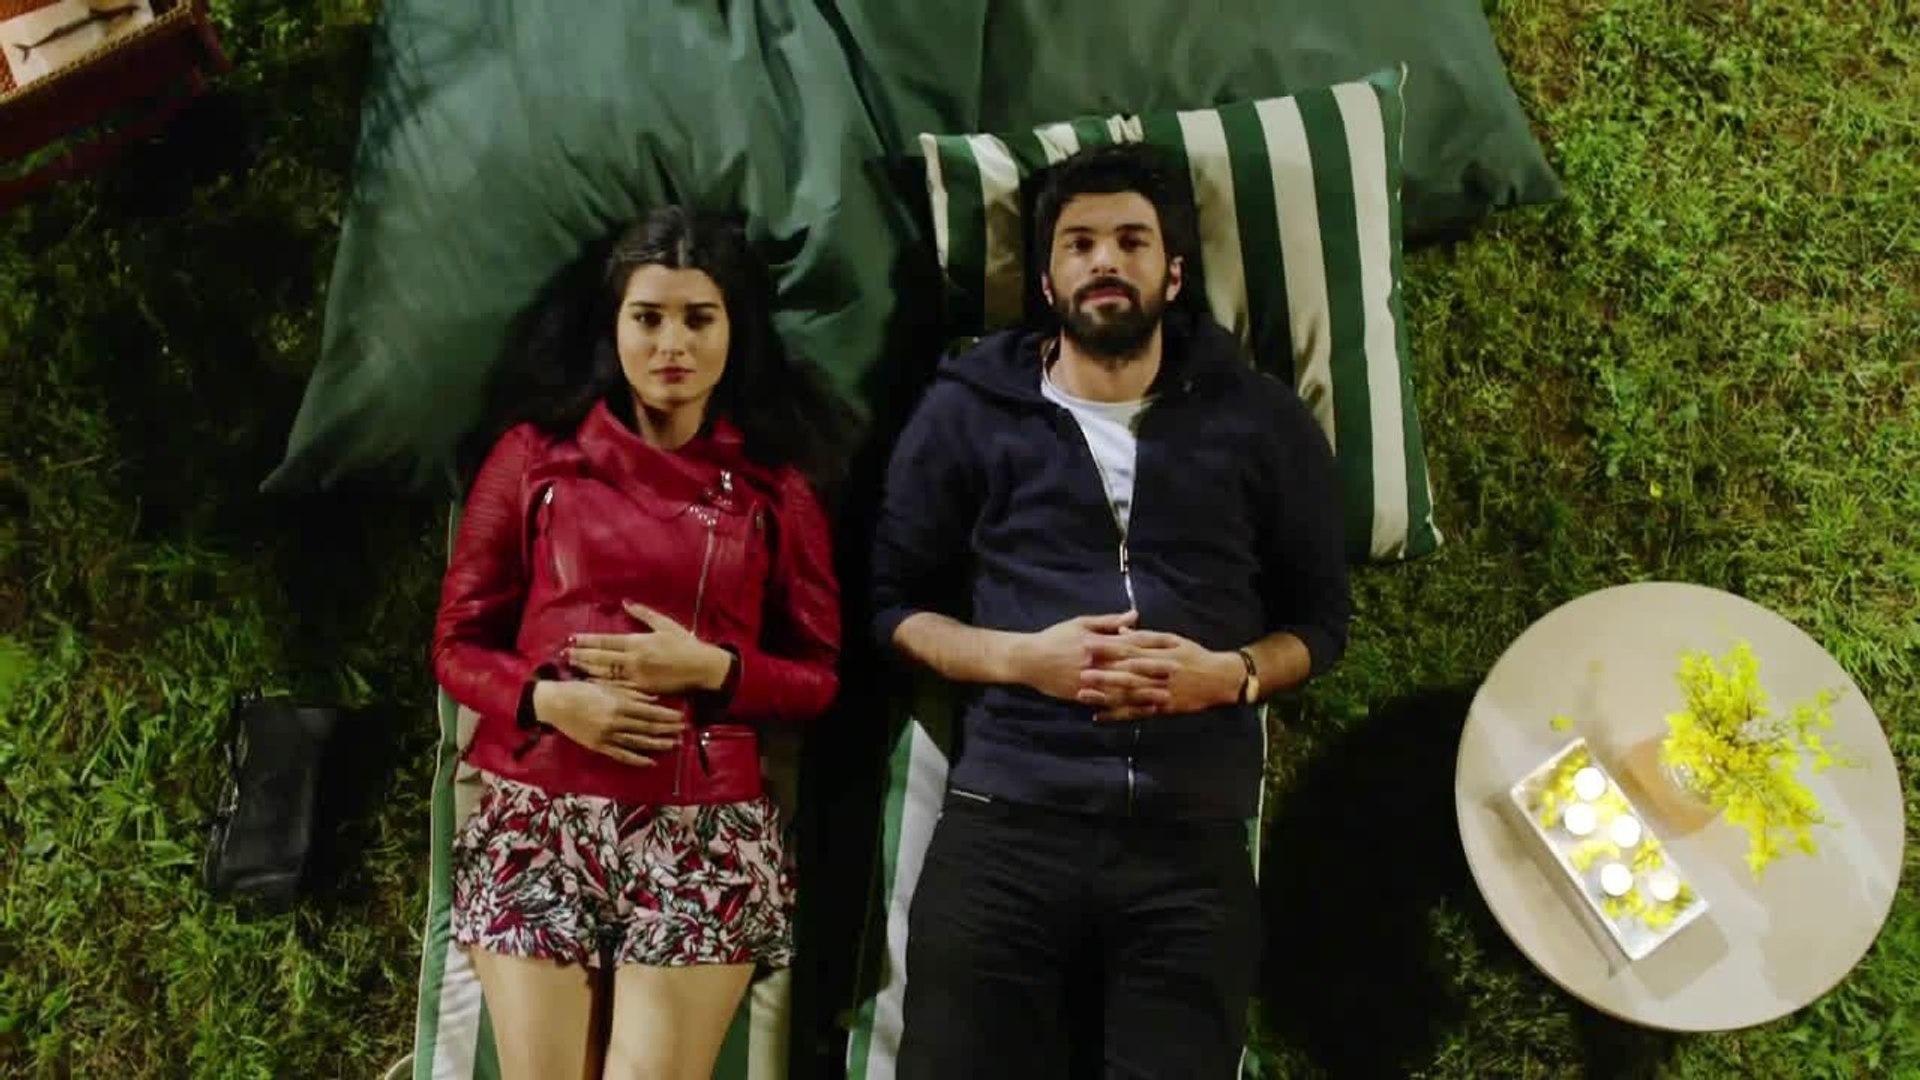 Kara Para Aşk  DİZİ JENERİK MÜZİĞİ Piyano Film Müzik Jenerikleri Orijinal ATV Dizi Toygar Işıklı Lin